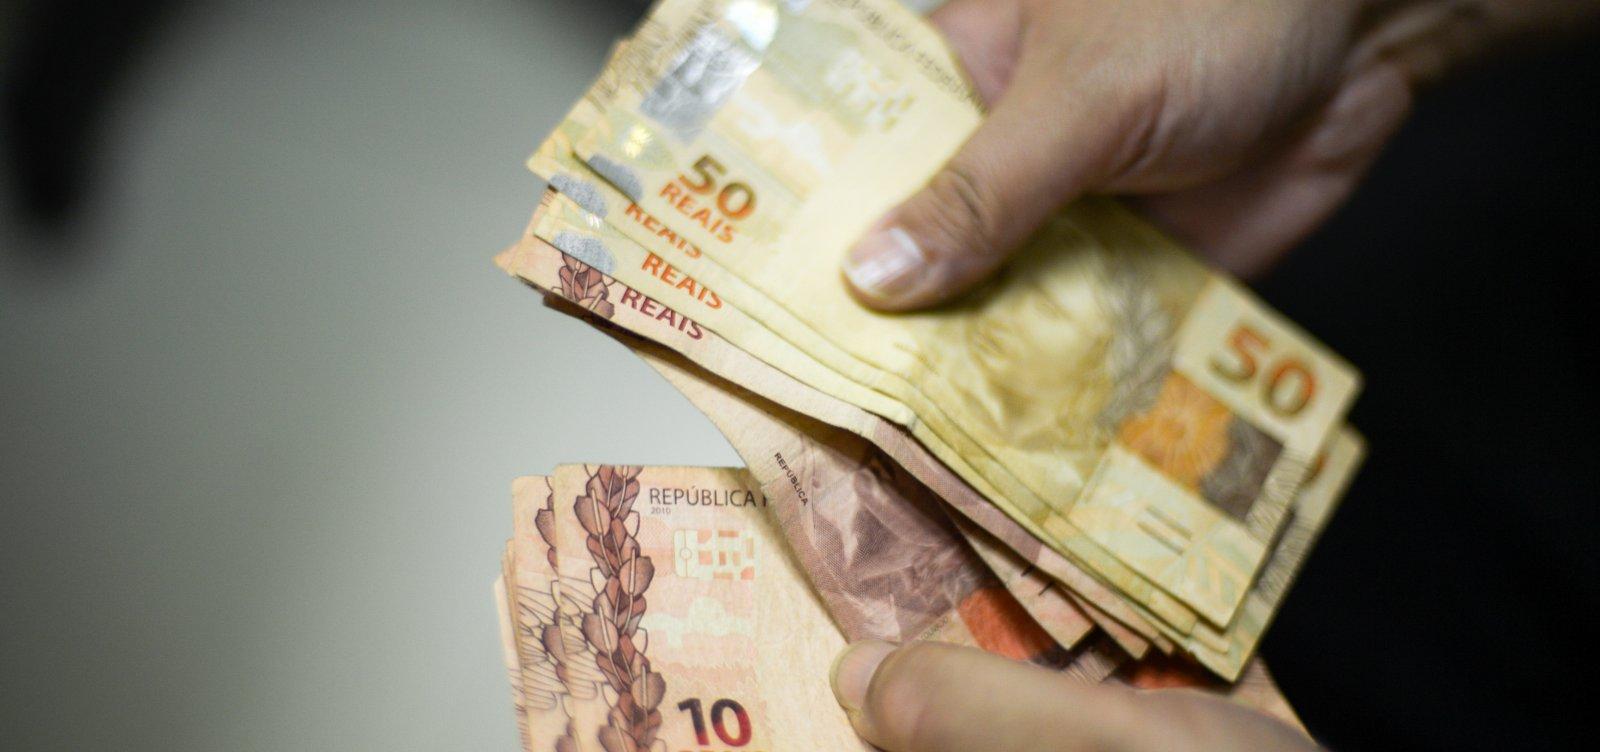 Sem aumento acima da inflação, governo propõe salário mínimo de R$ 1.147 para 2022